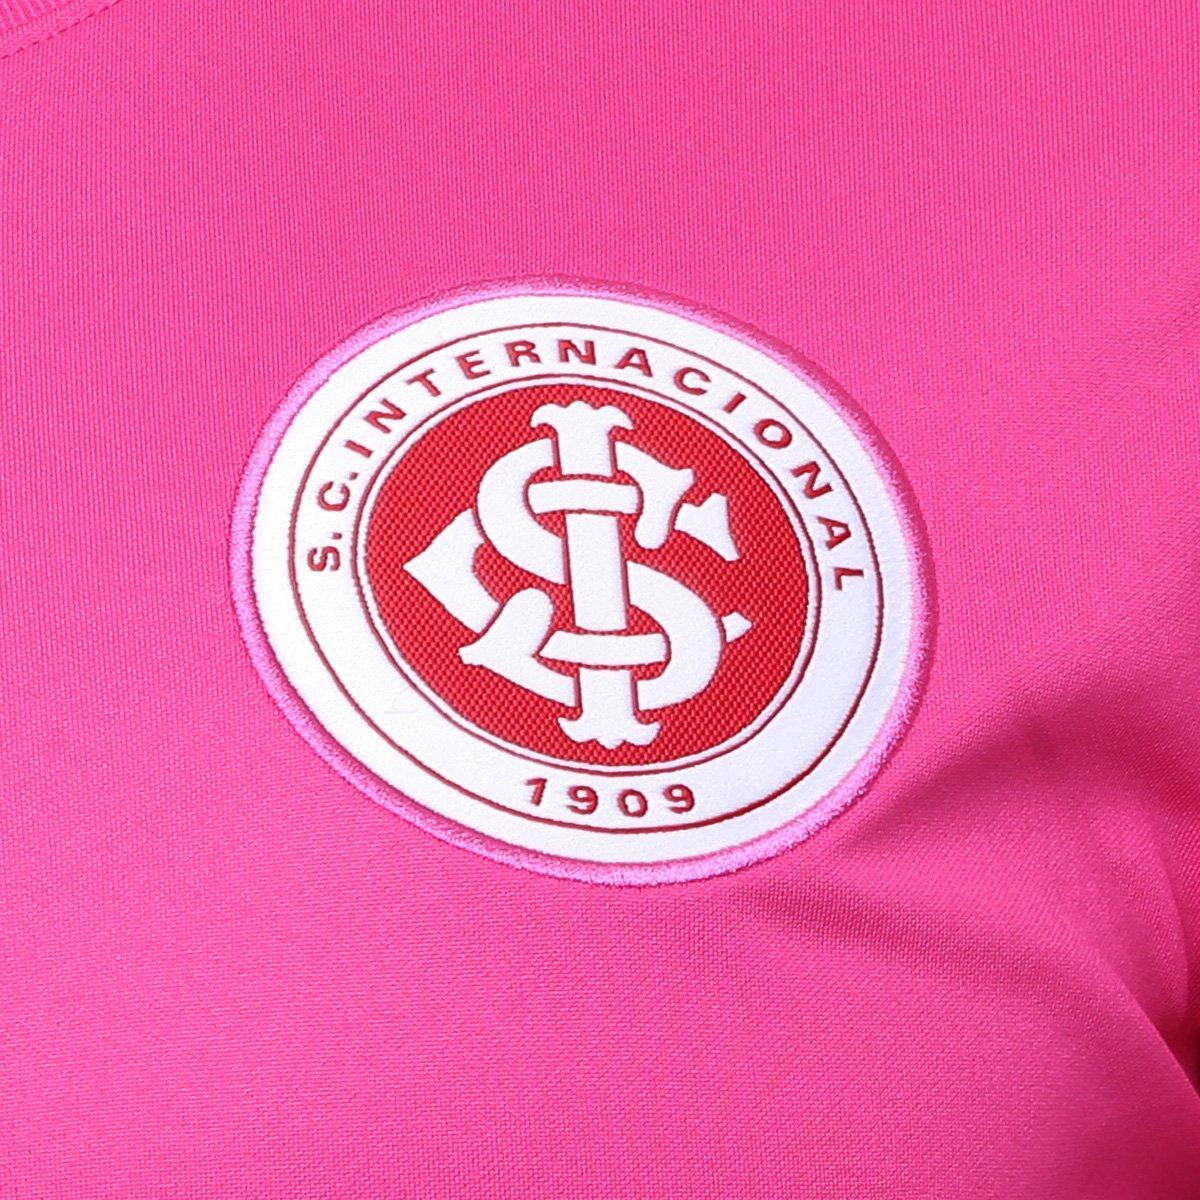 Camisa Outubro Rosa Do Internacional 2017 Nike Mantos Do Futebol